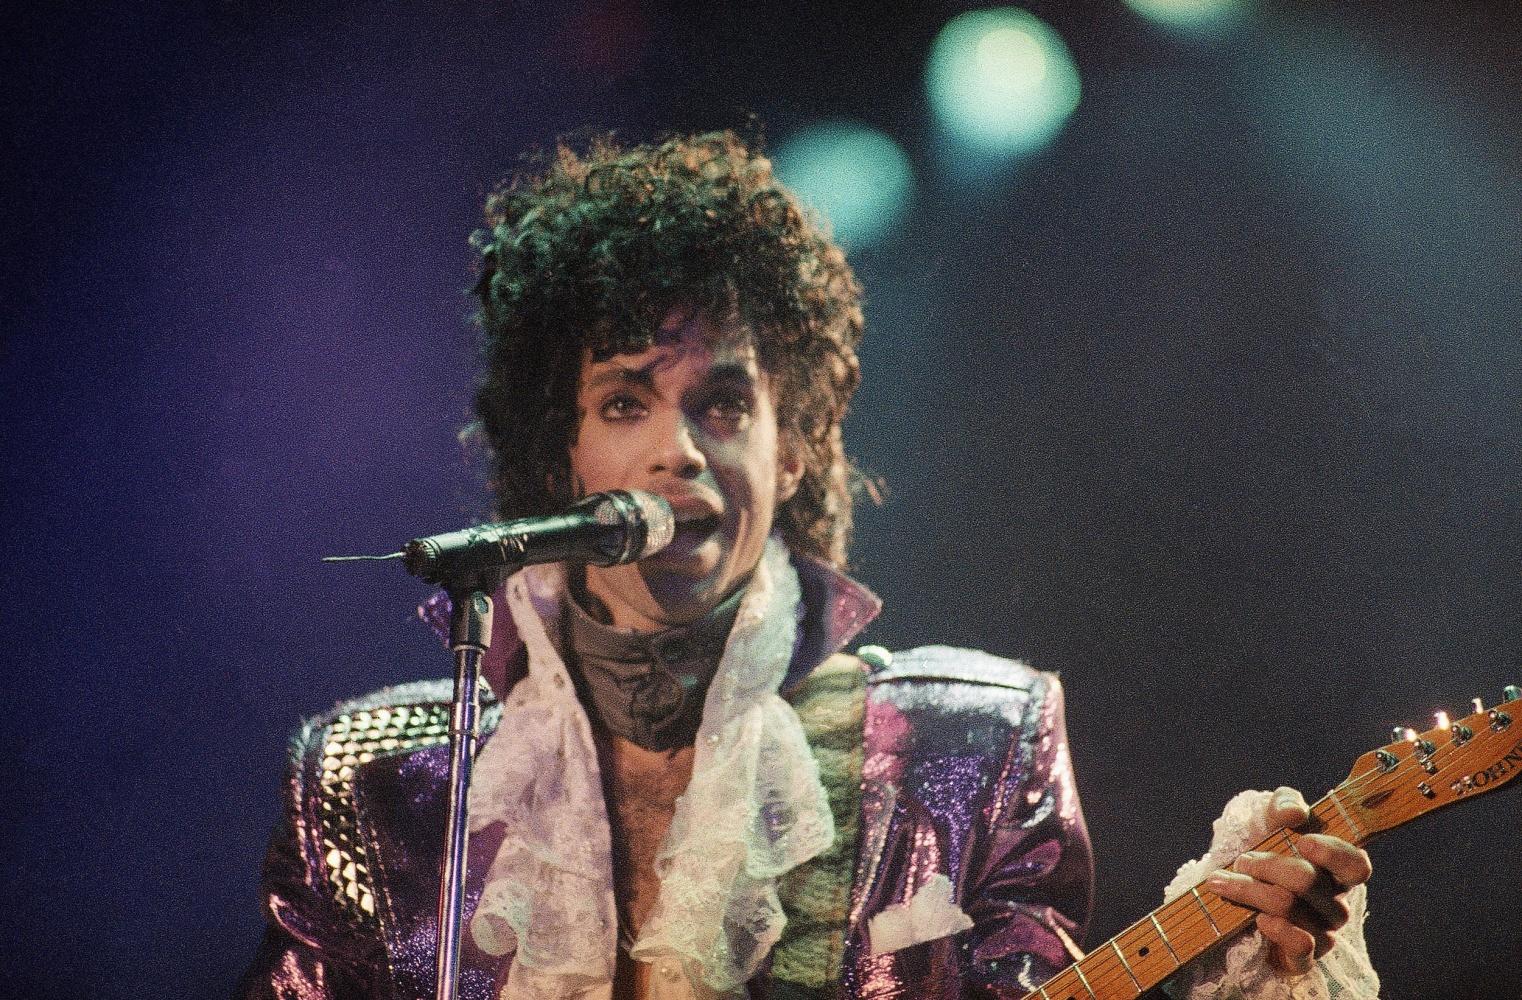 Prince: dagli archivi di Paisley Park spunta l'audio originale di